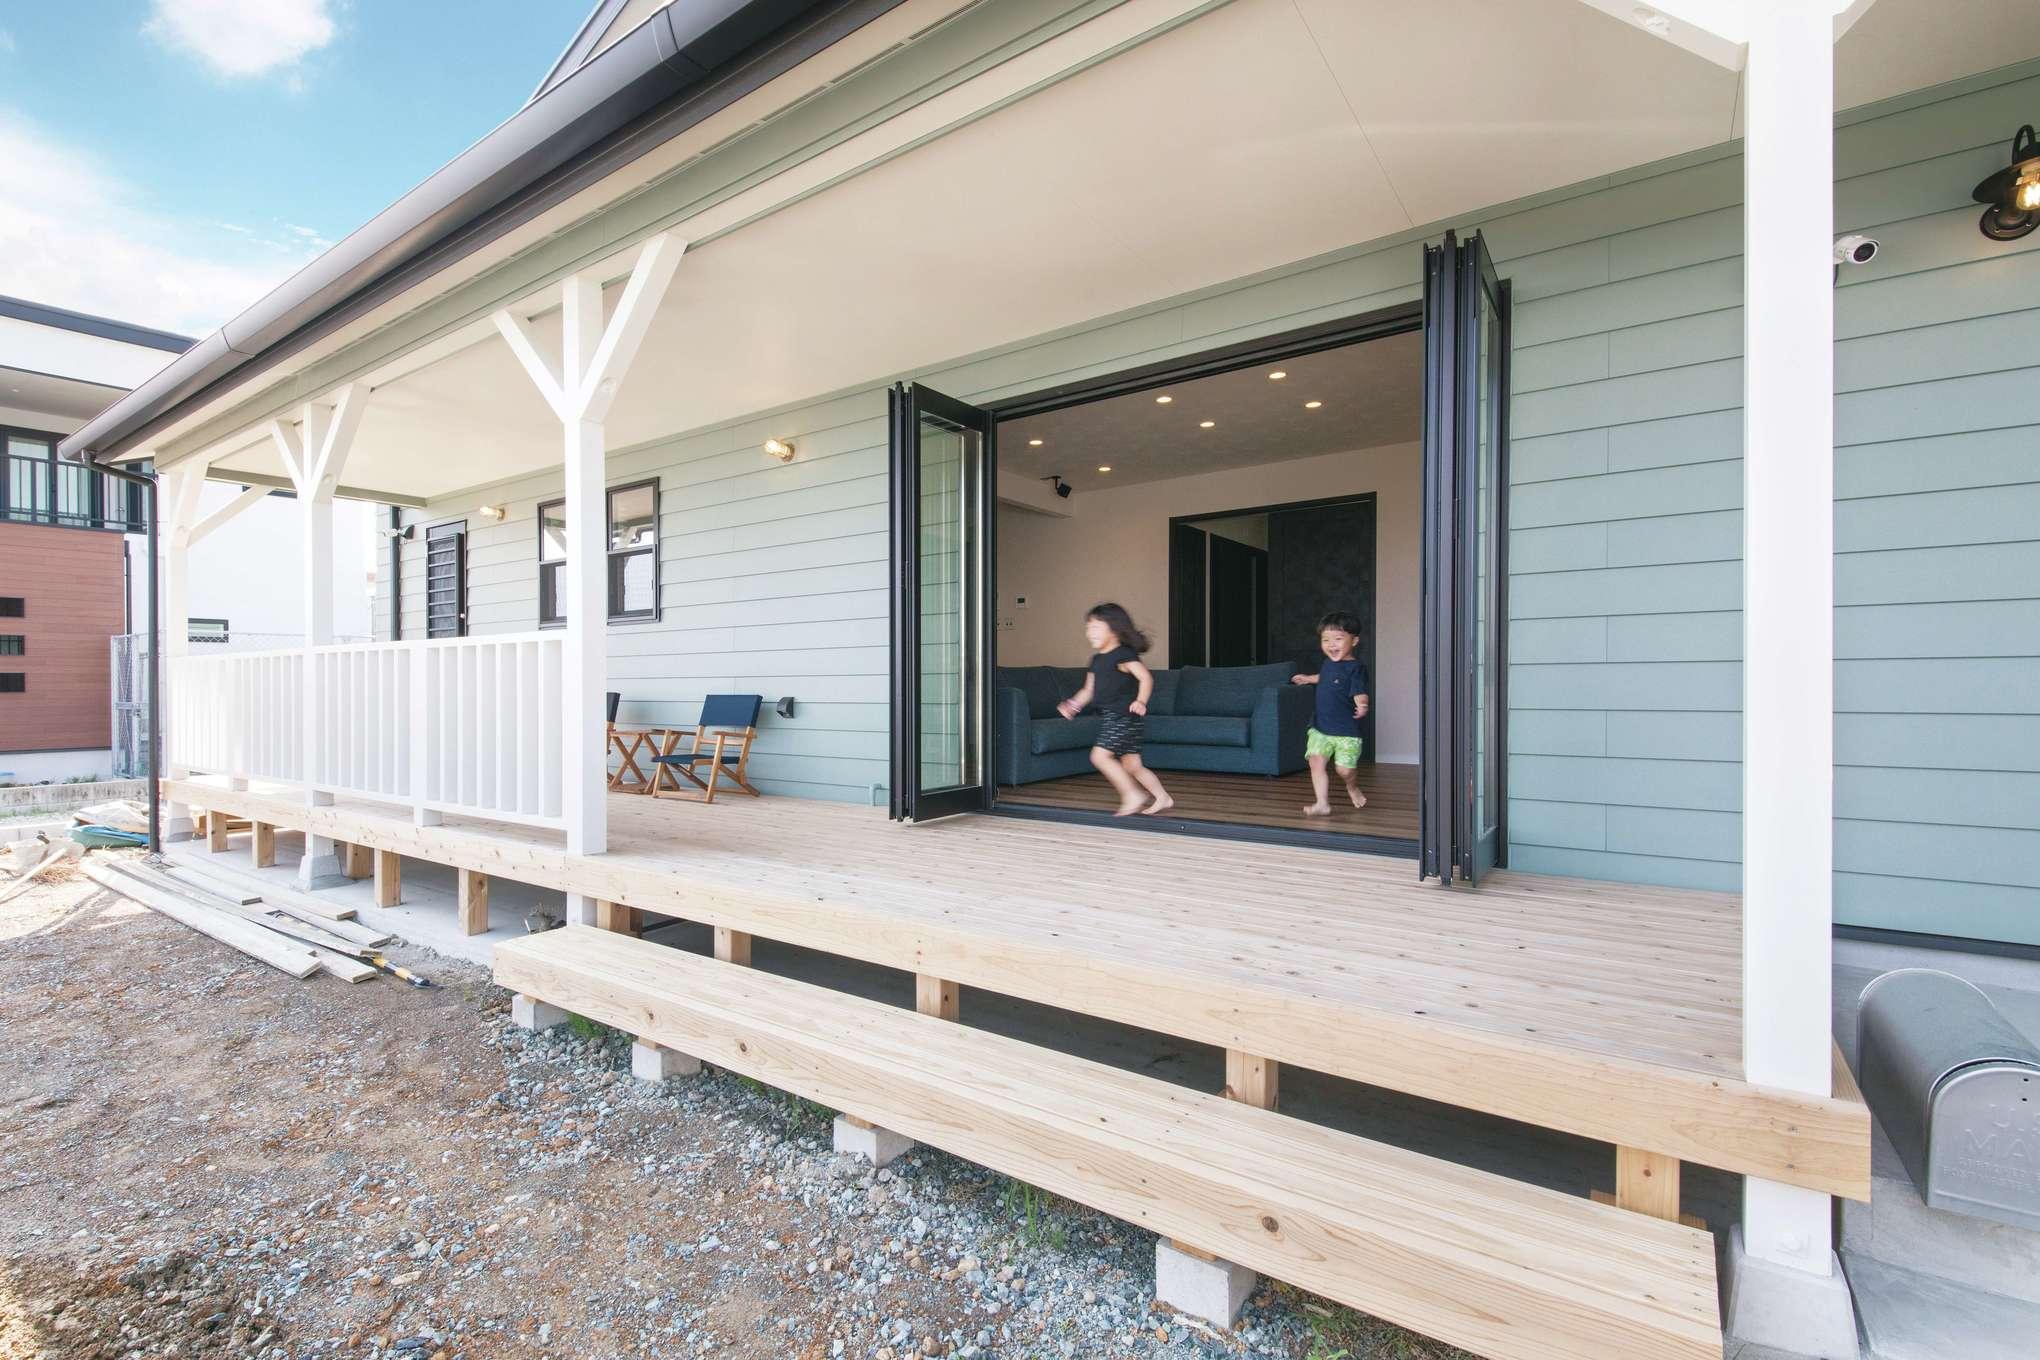 木場建築設計 KIBA-AD【デザイン住宅、屋上バルコニー、趣味】カヴァードポーチはアウトドアリビングとして、BBQや水遊びを楽しめる